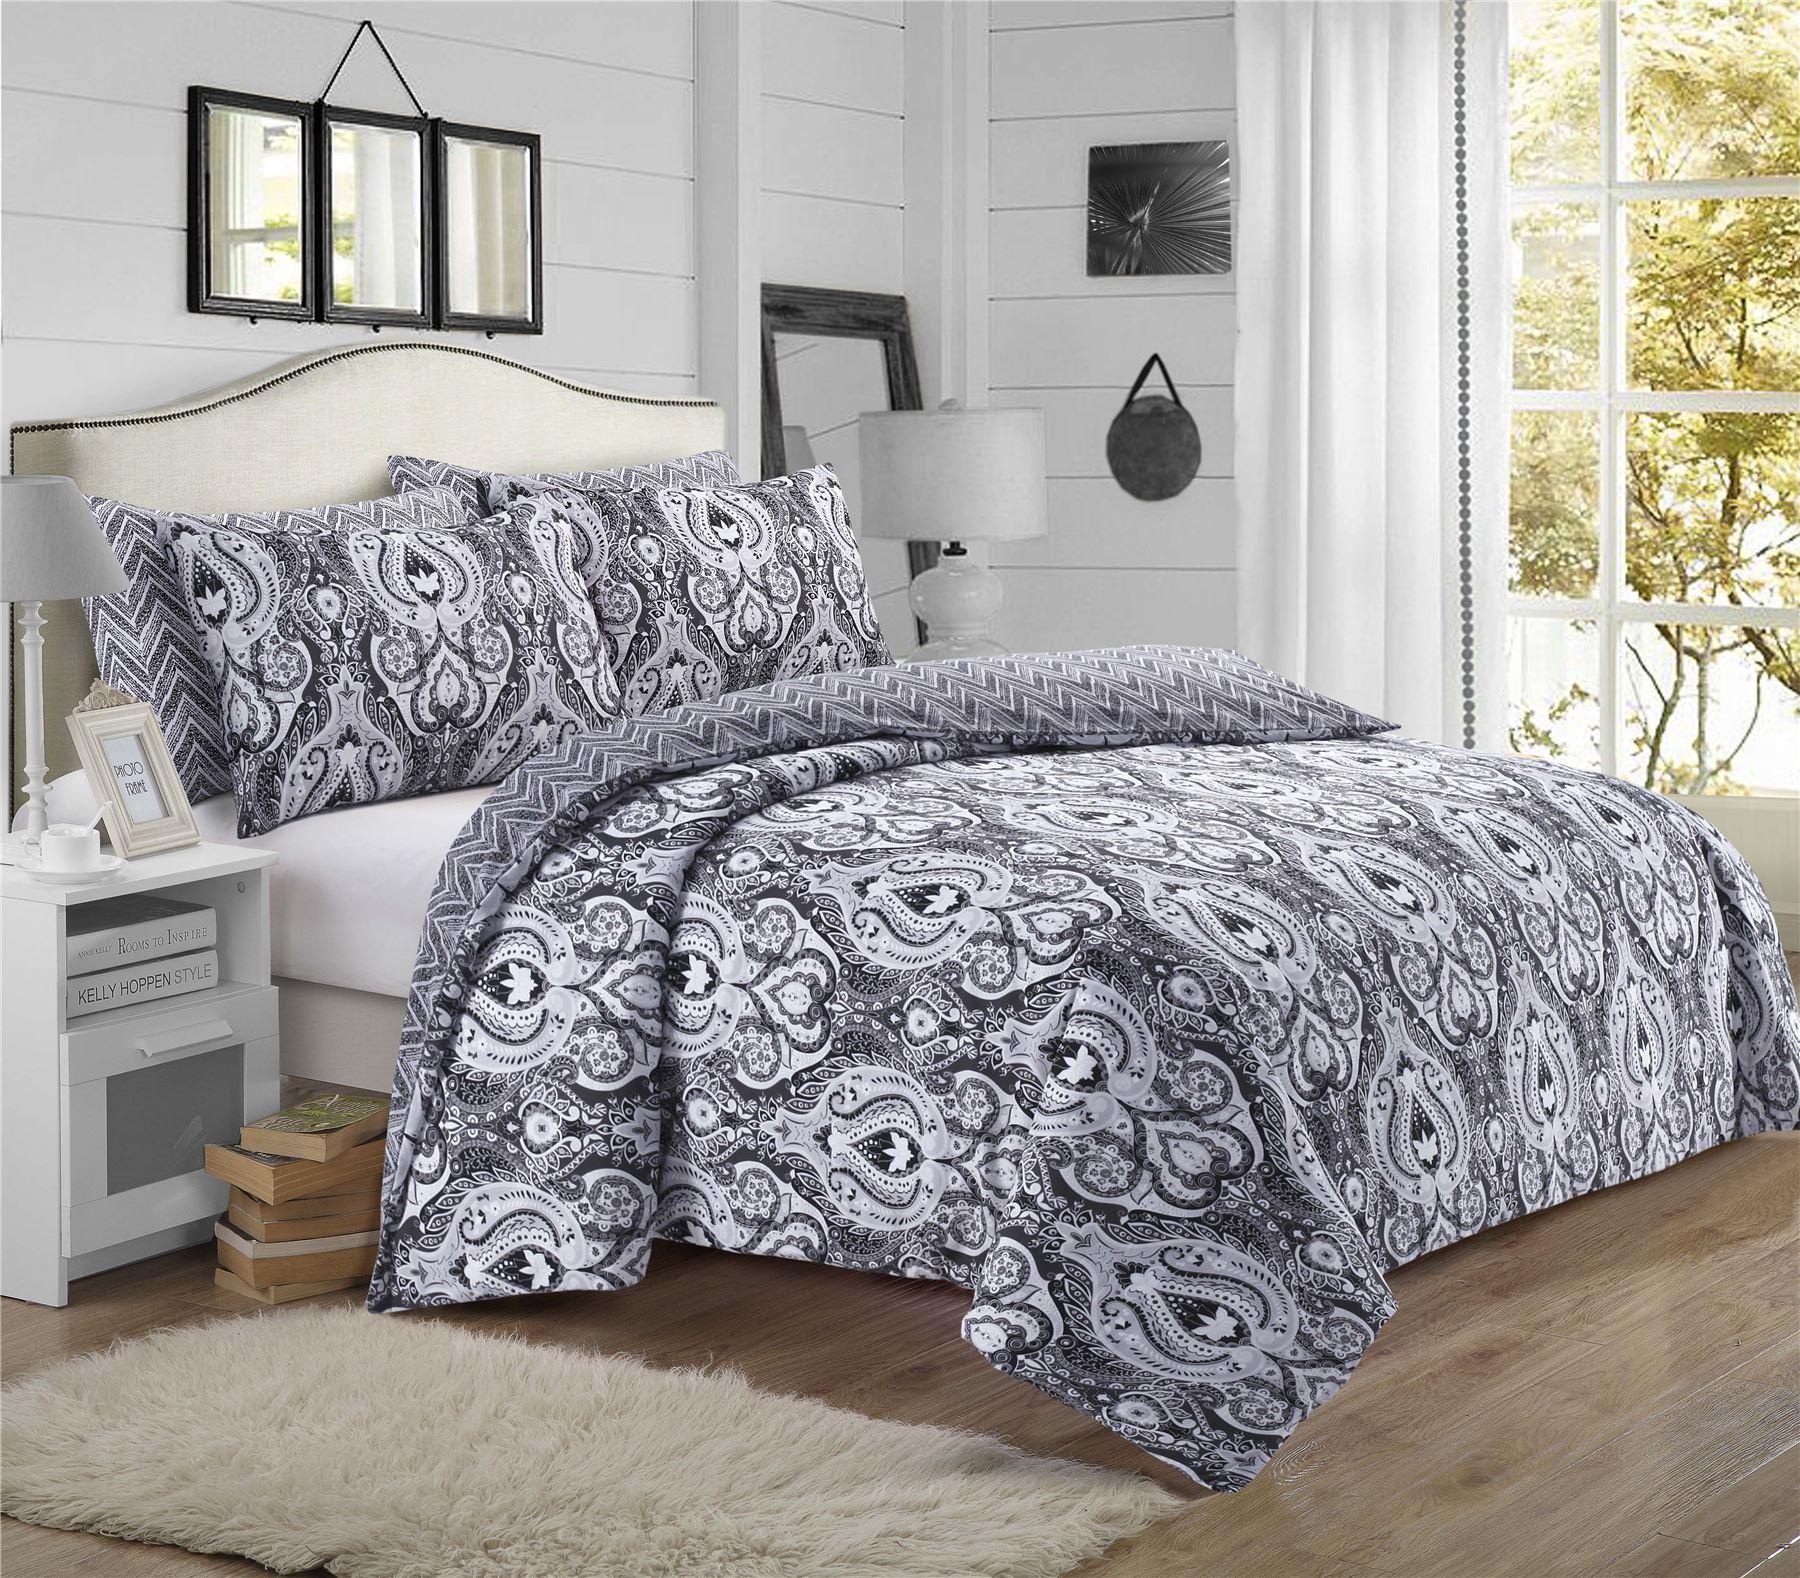 cachemire couette literie housse de taie d 39 oreiller trivia mandala pastel toutes tailles ebay. Black Bedroom Furniture Sets. Home Design Ideas